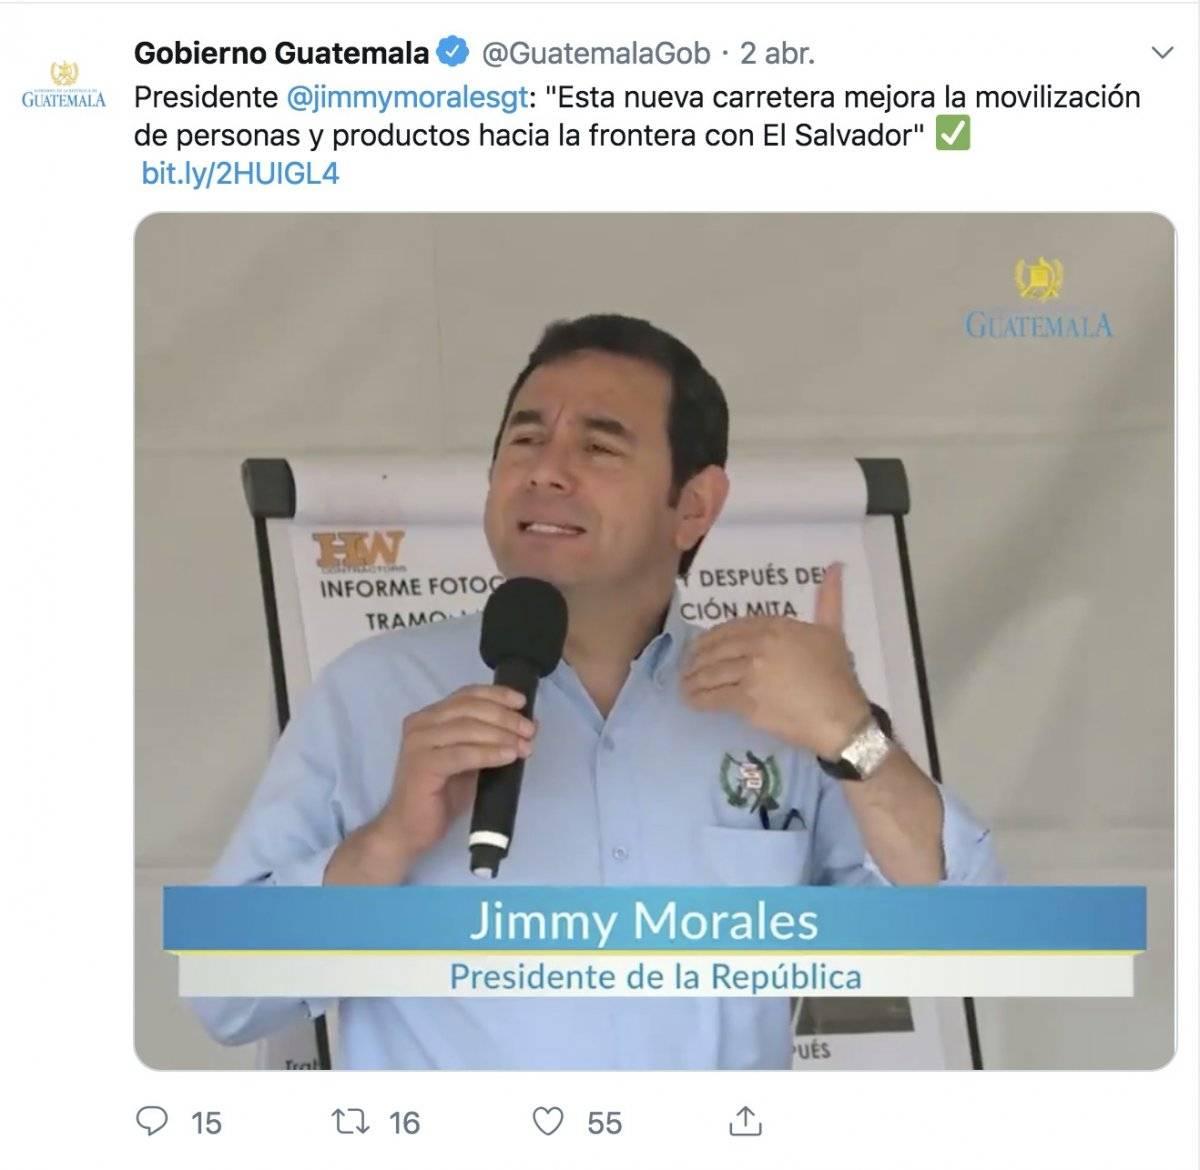 Estas fueron las publicaciones que hizo el gobierno el día en que se reunió el presidente Morales y el presidenciable de la UCN.